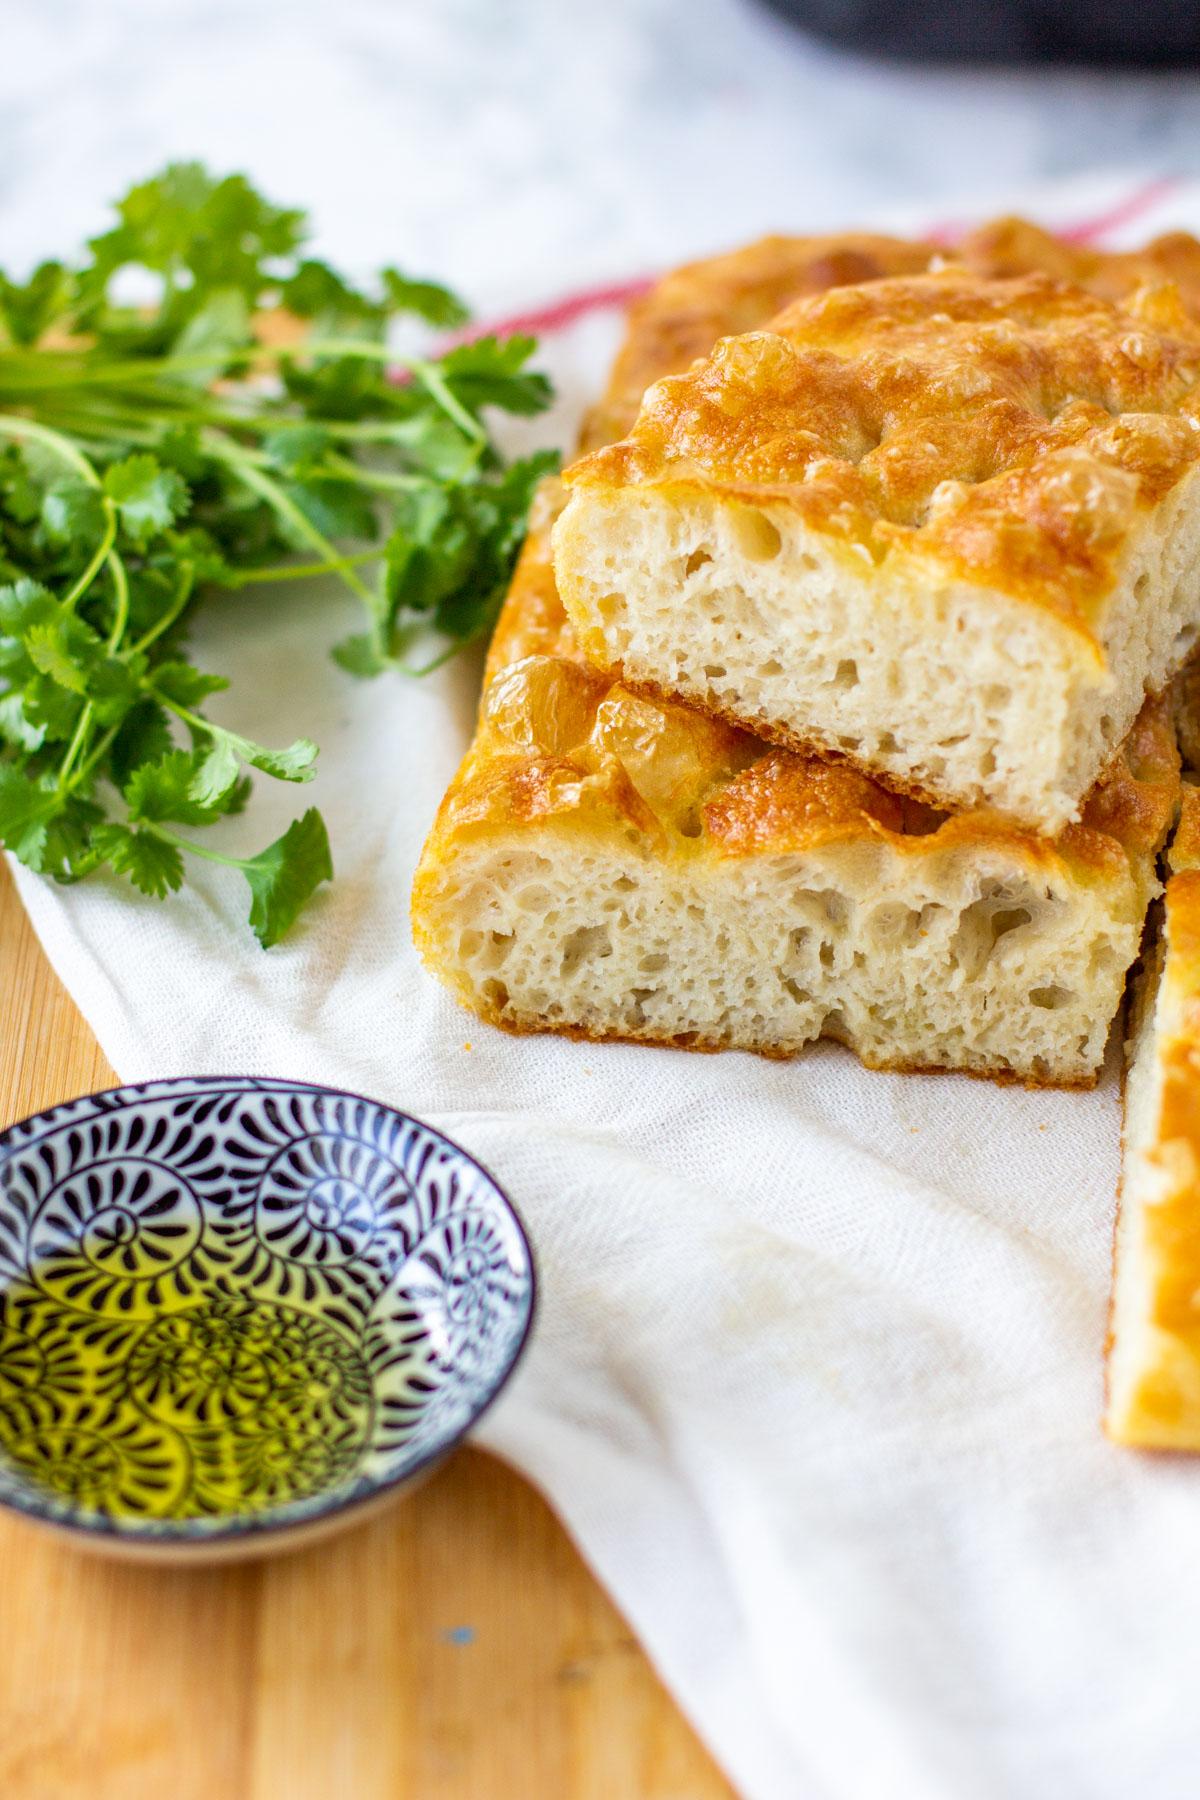 Mehevä ja ilmava focaccia-leipä valmiina